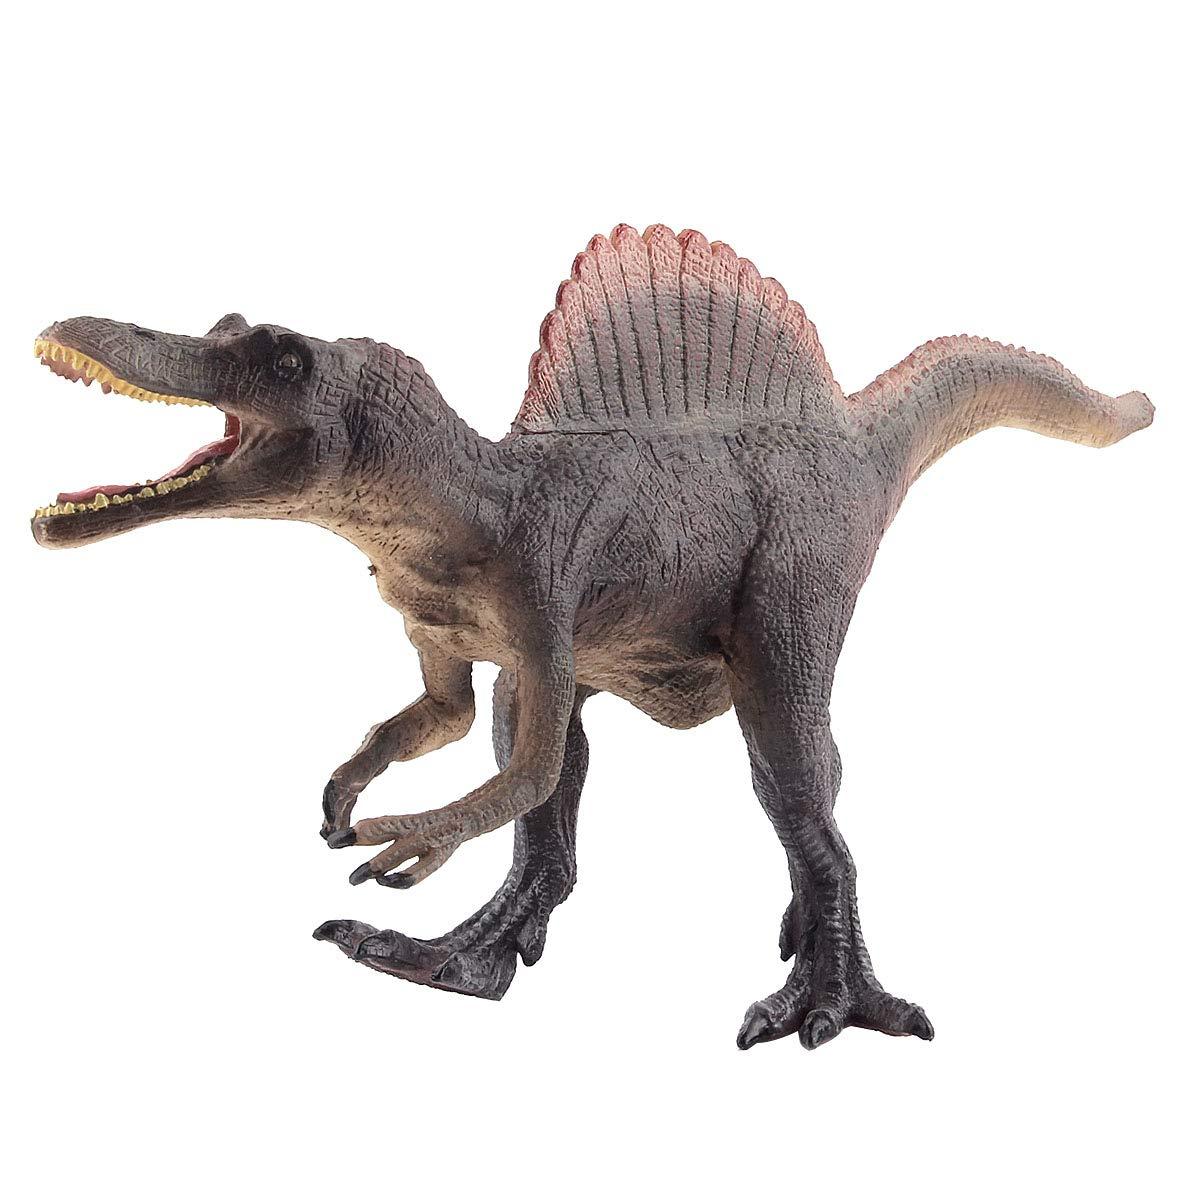 TOYMYTOY 30cm Große Dinosaurier Spielzeug Brachiosaurus - Realistische Action Figuren für Jungen